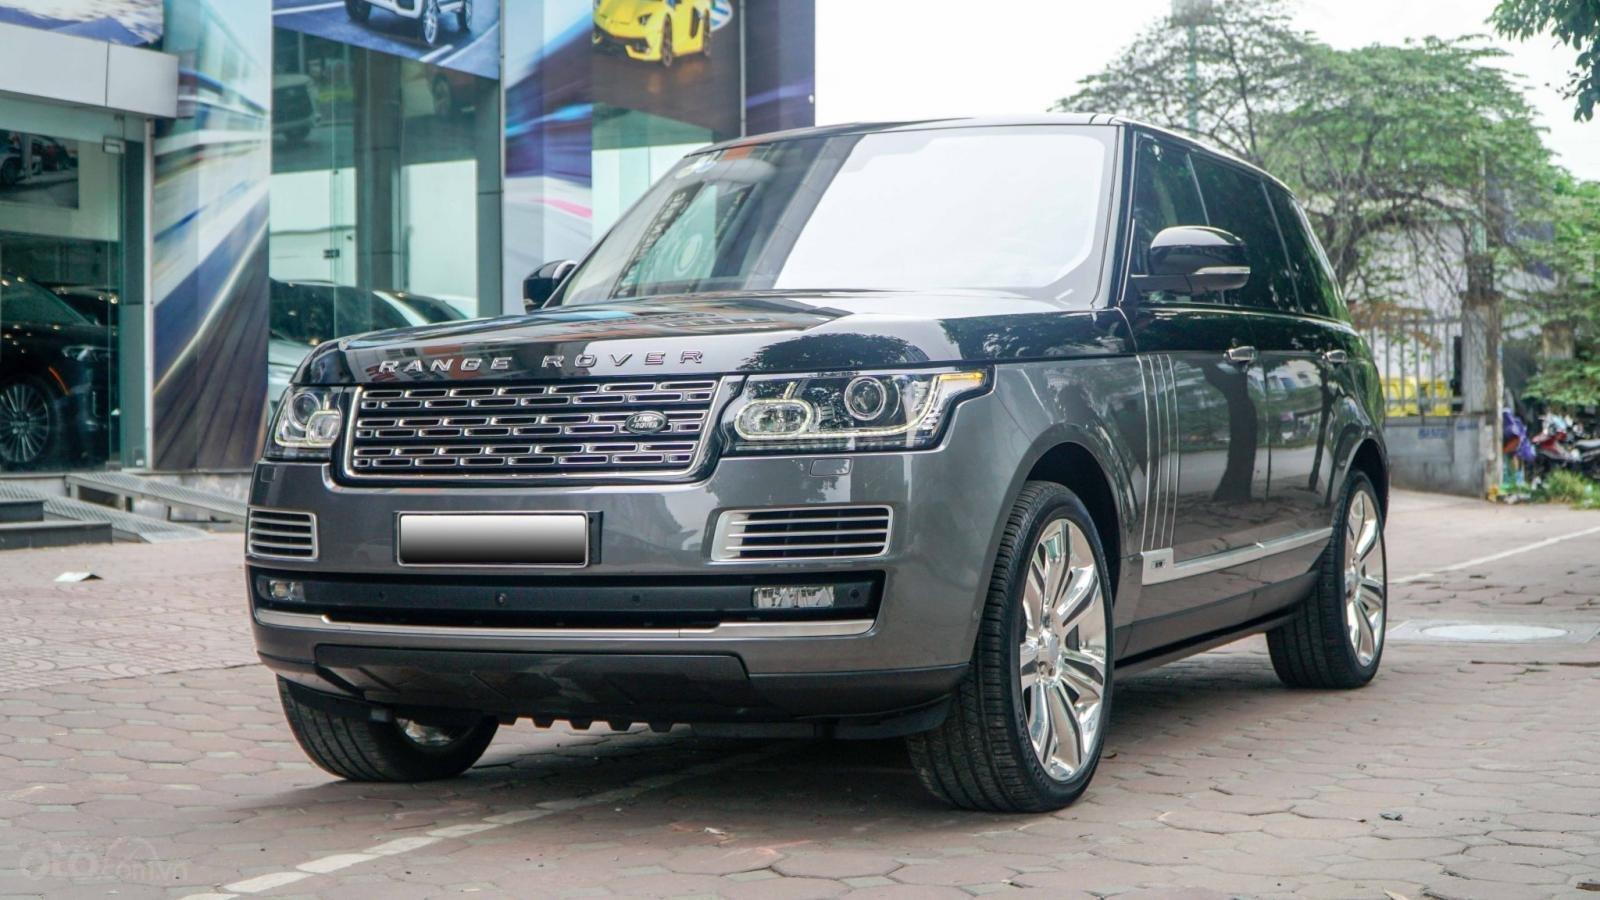 Bán LandRover Range Rover SV Autobiography 5.0 đời 2016, hai màu xám đen, lướt 1v7 km (2)